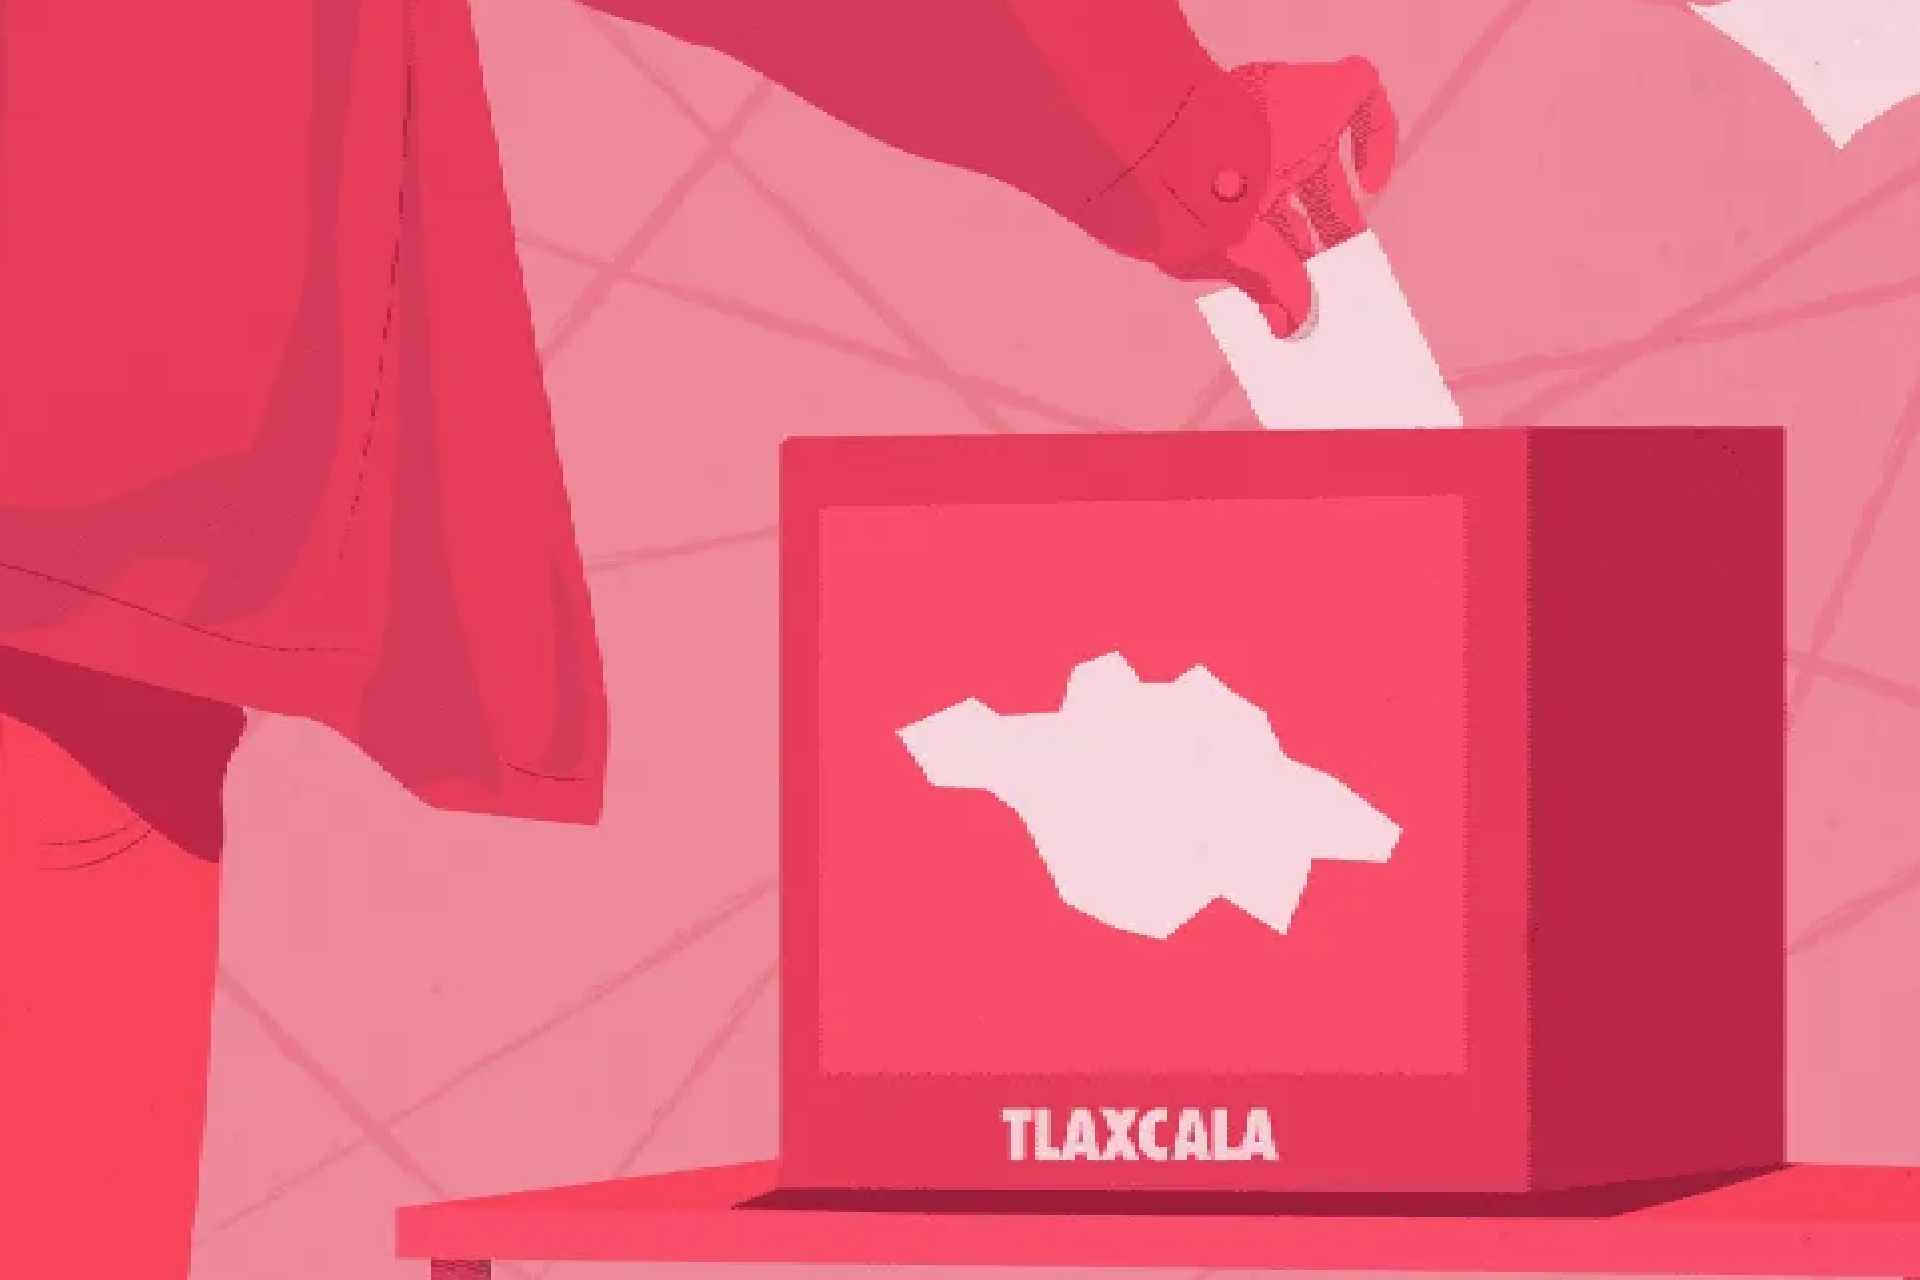 Elecciones 2021-Tlaxcala-PREP-Conteo rápido